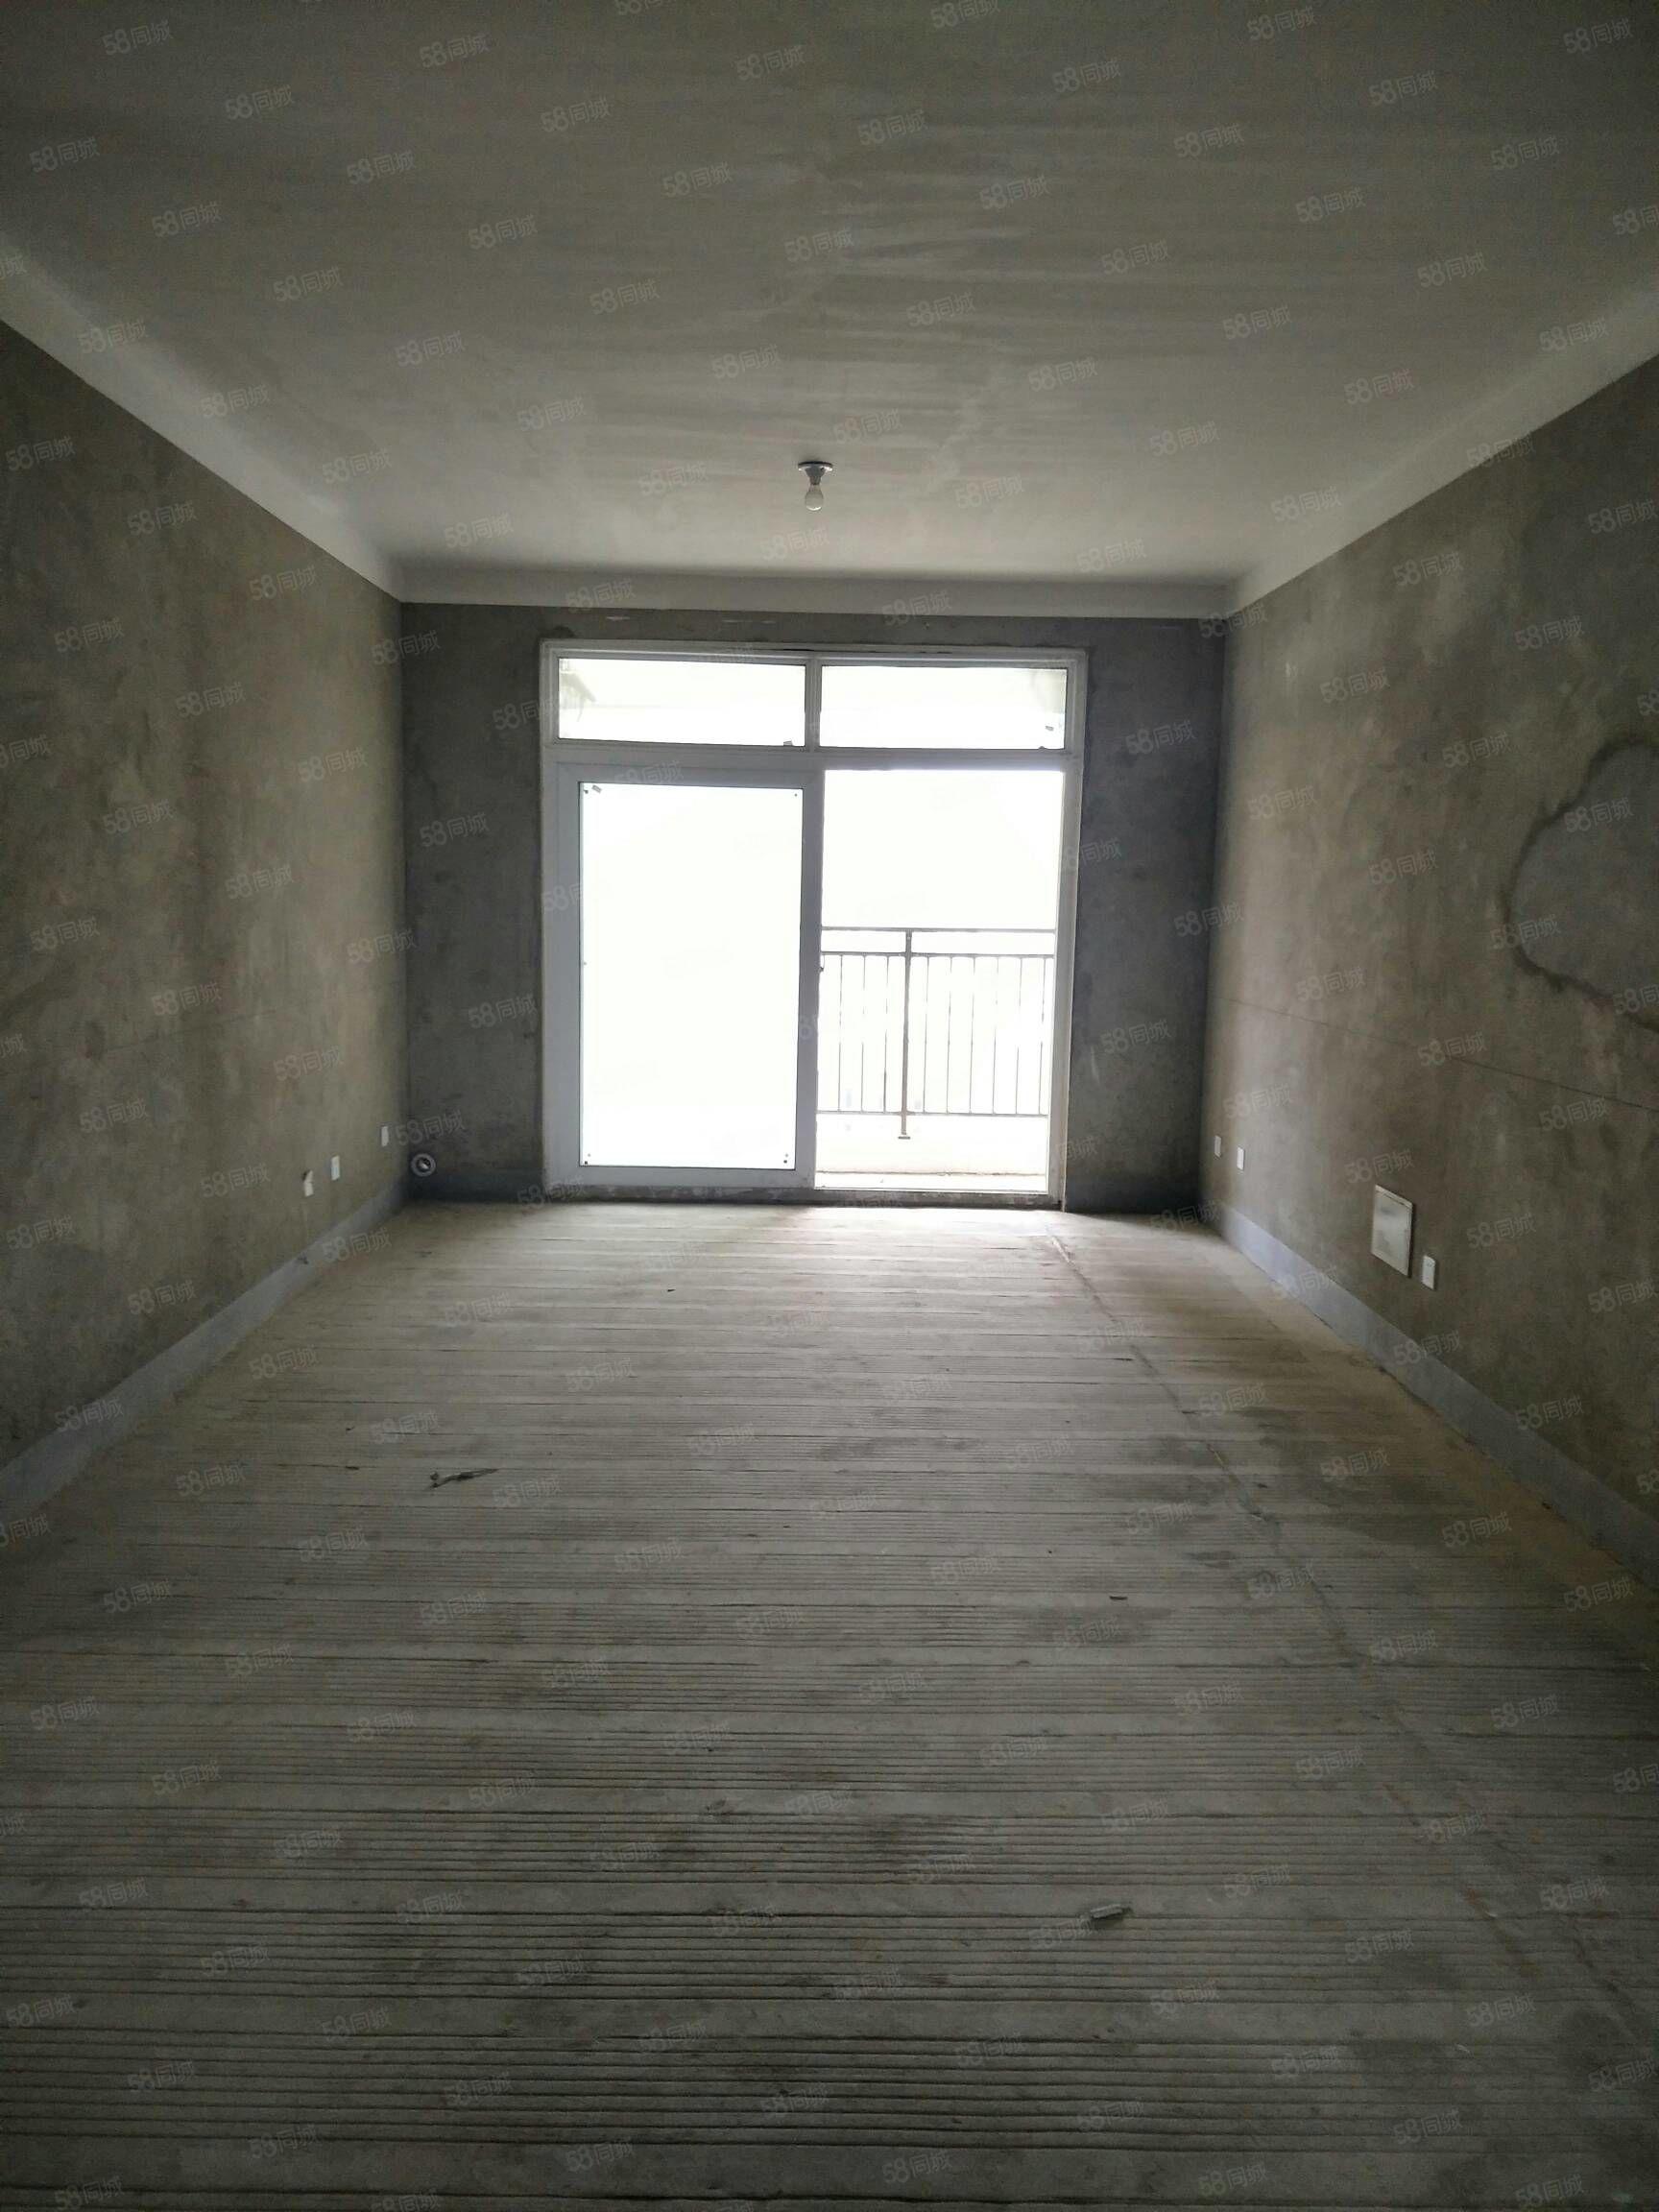 七彩城高层纯东边户112平方加上送10平方四室两厅房东急卖。